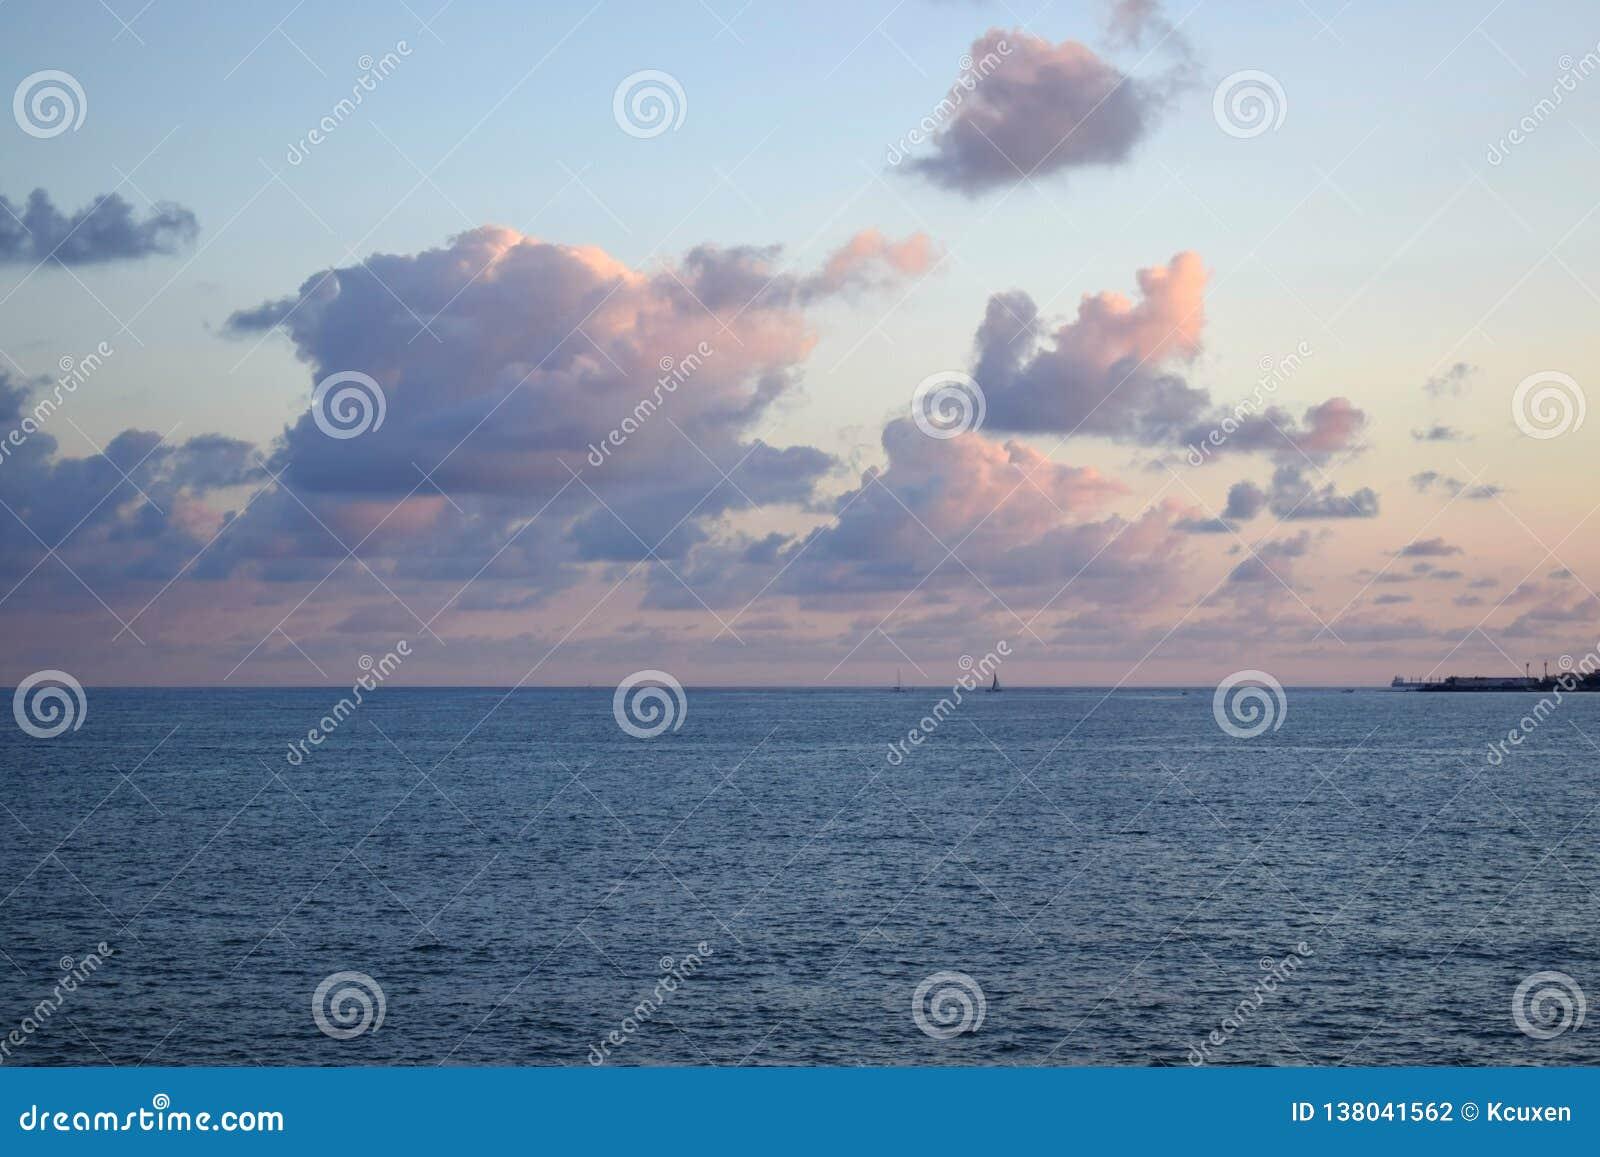 Розовые пушистые облака над морем